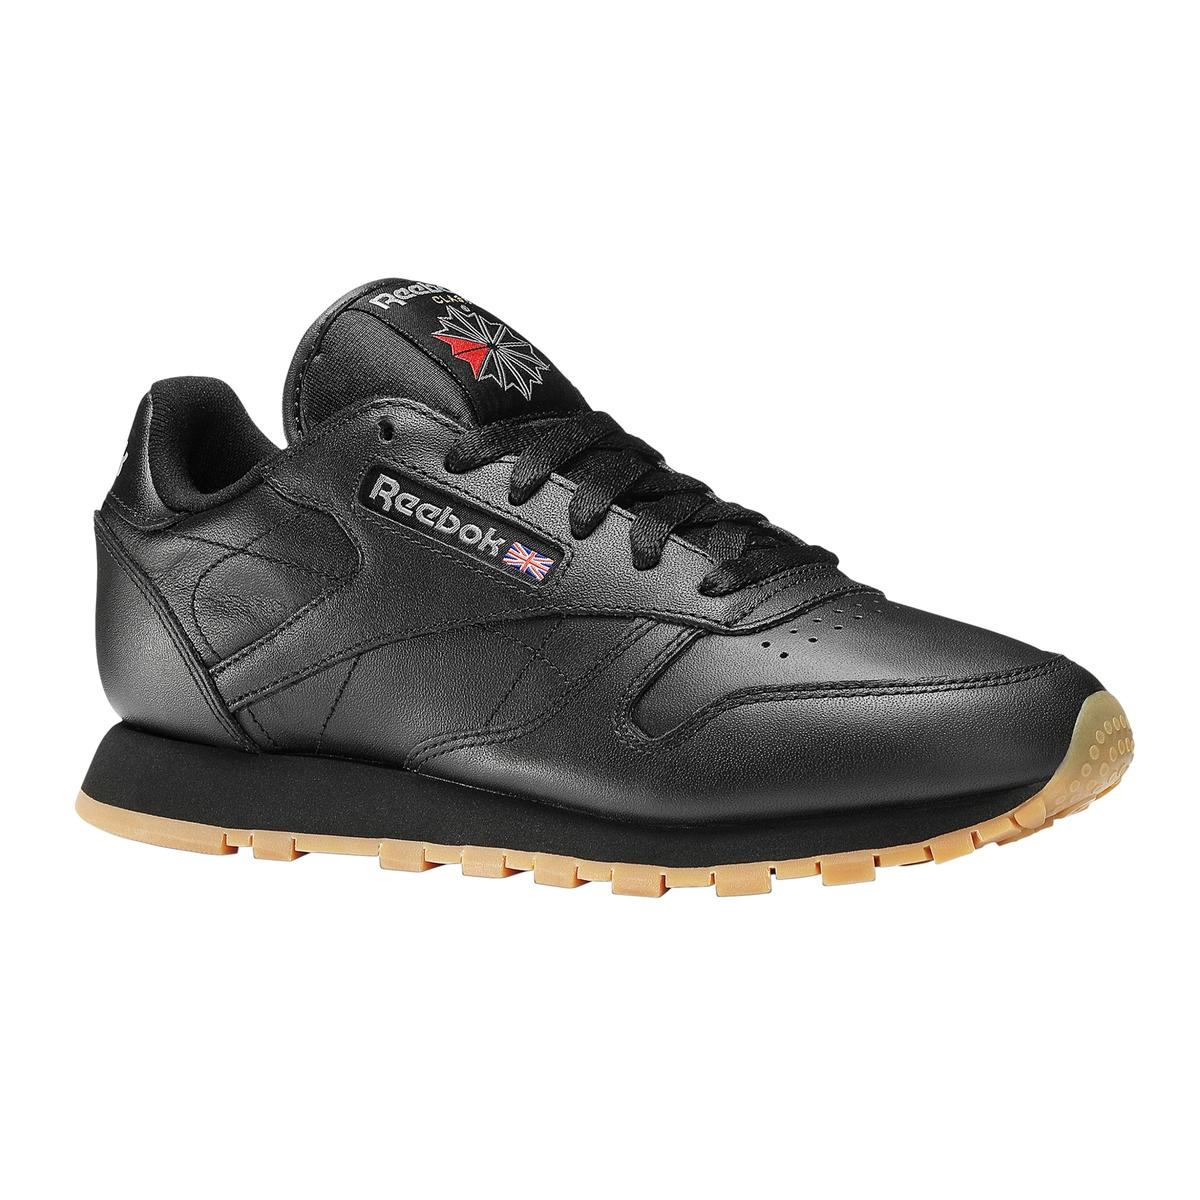 Imagen secundaria de producto de Zapatillas Classic leather - Reebok